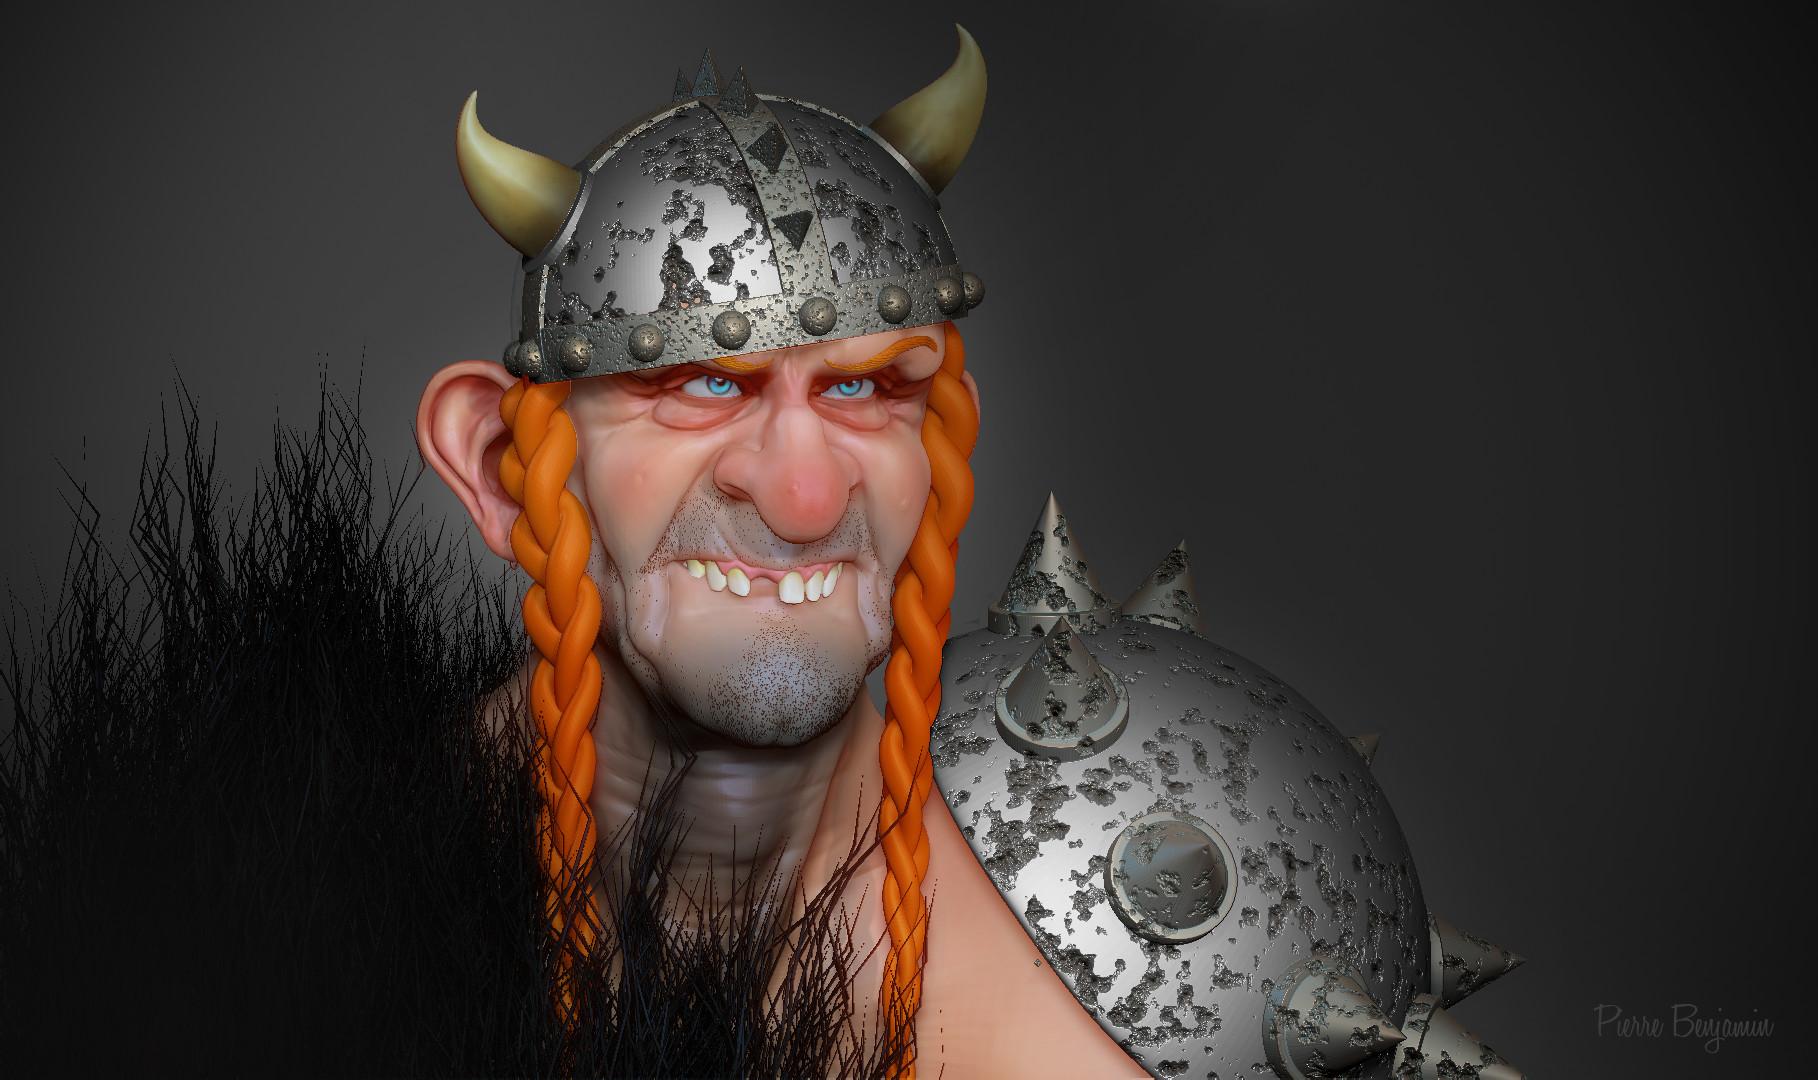 Pierre benjamin dude viking funny 004